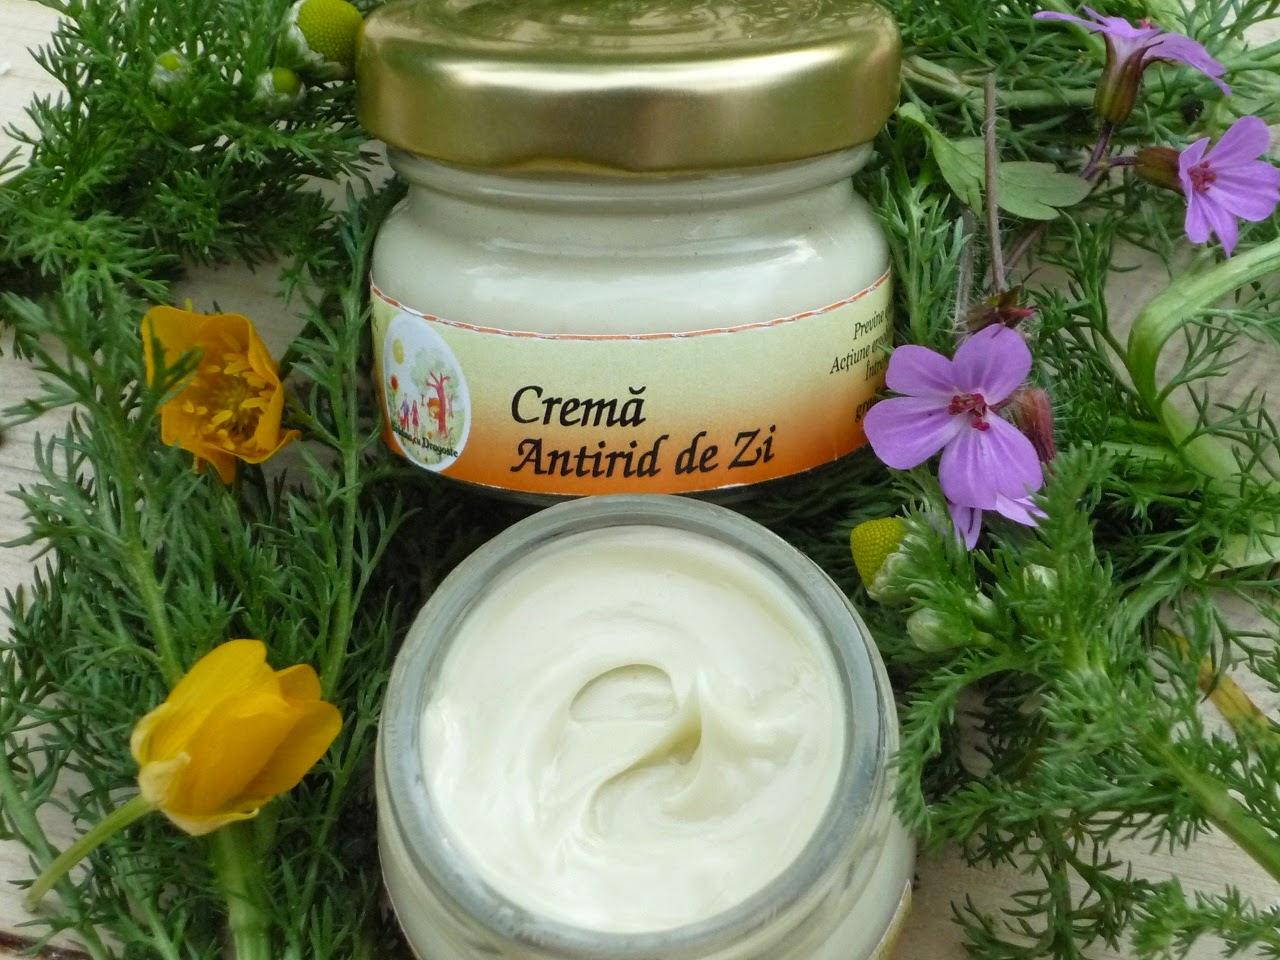 Crema Antirid Hidratanta- Formula Noua- 65 lei